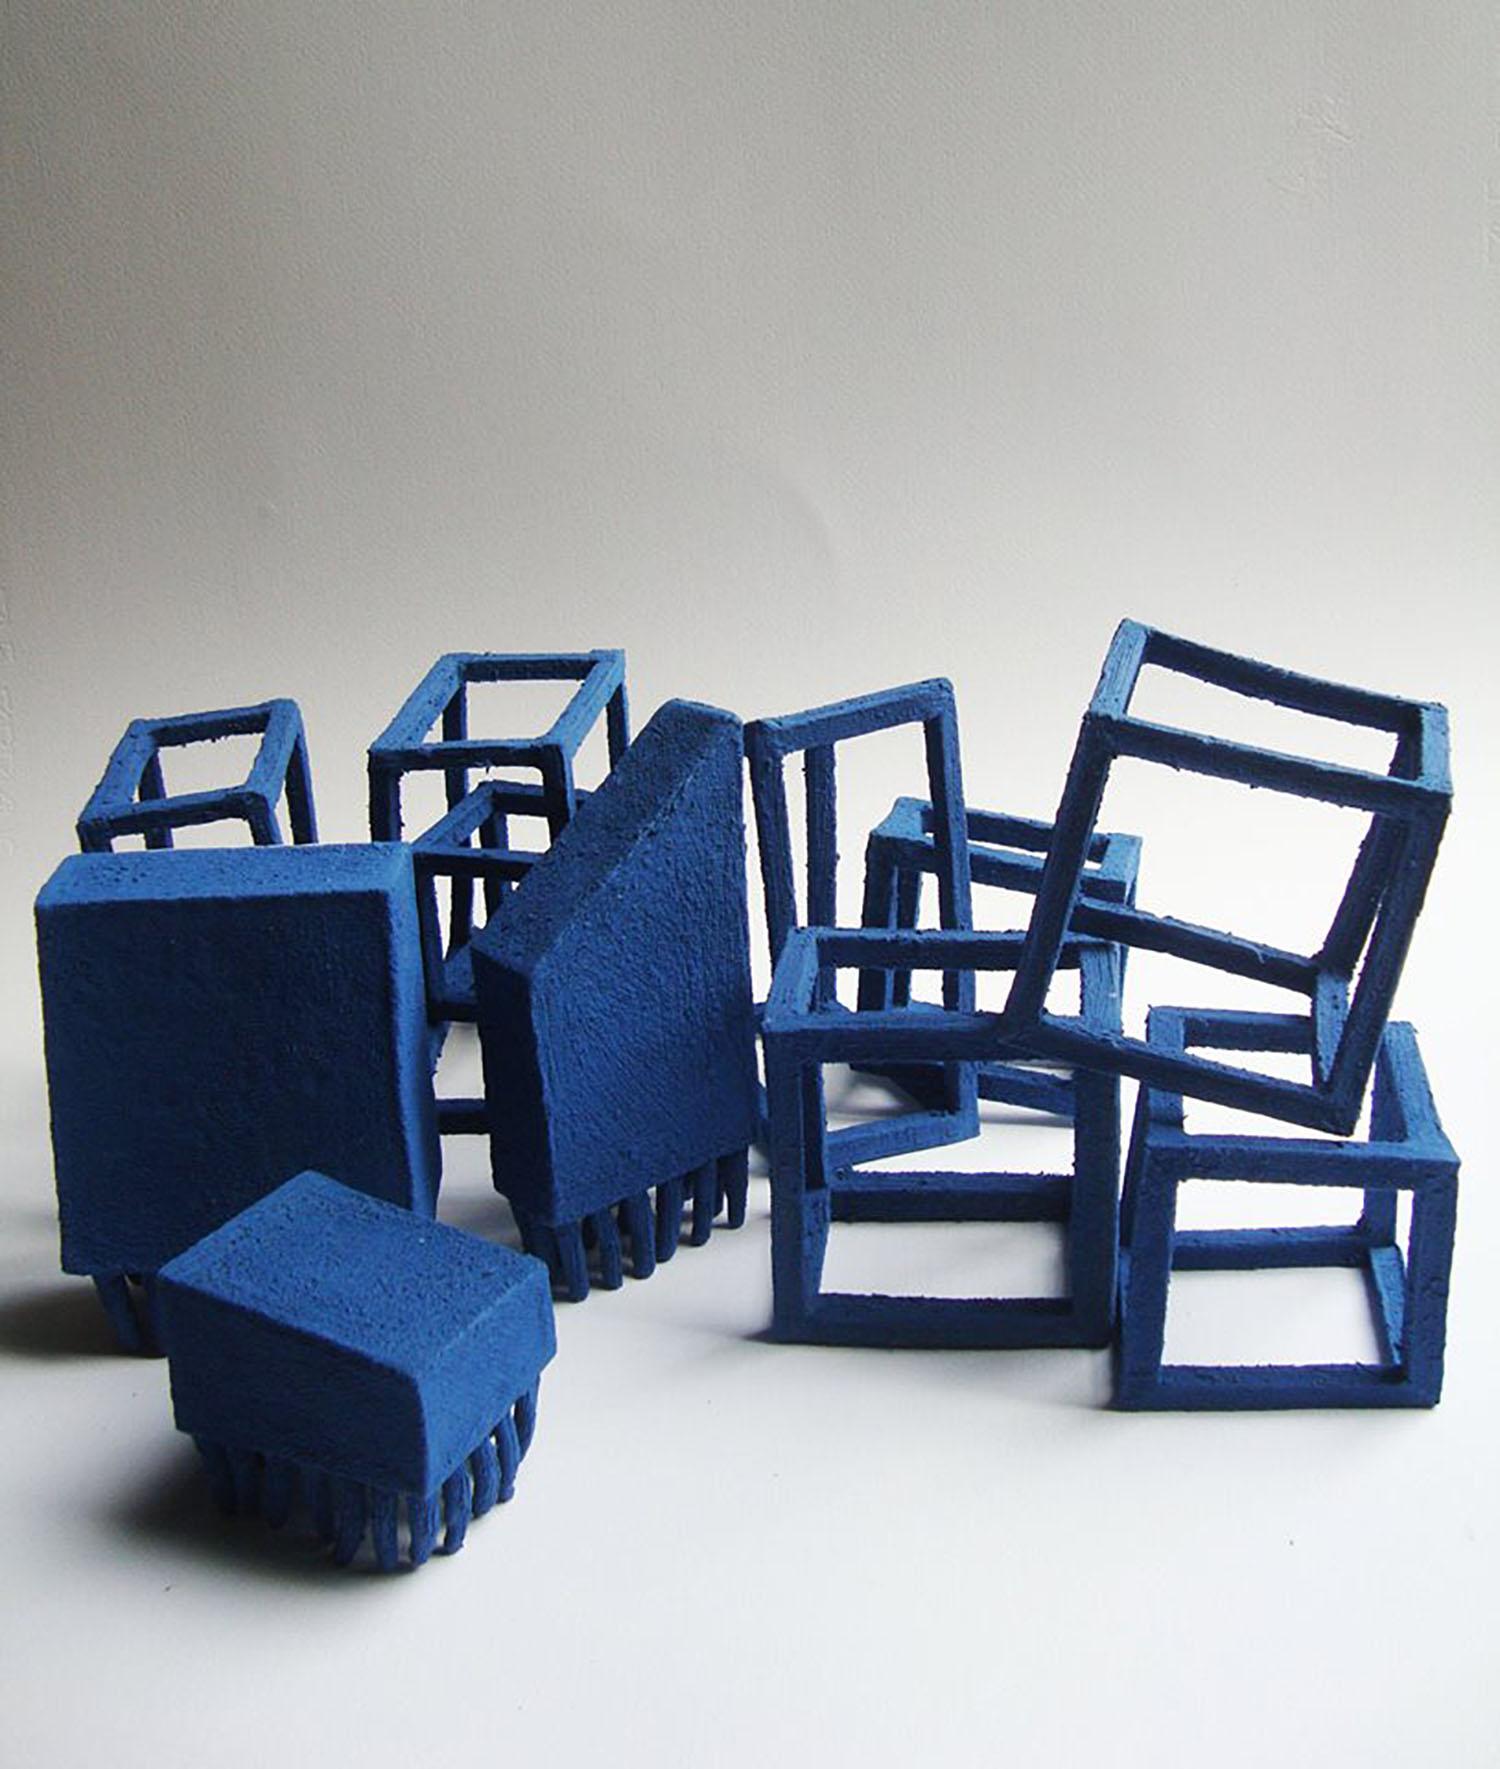 Estructuras azules, modelado en gres con engobes, 40 cm x 20 cm, 2015